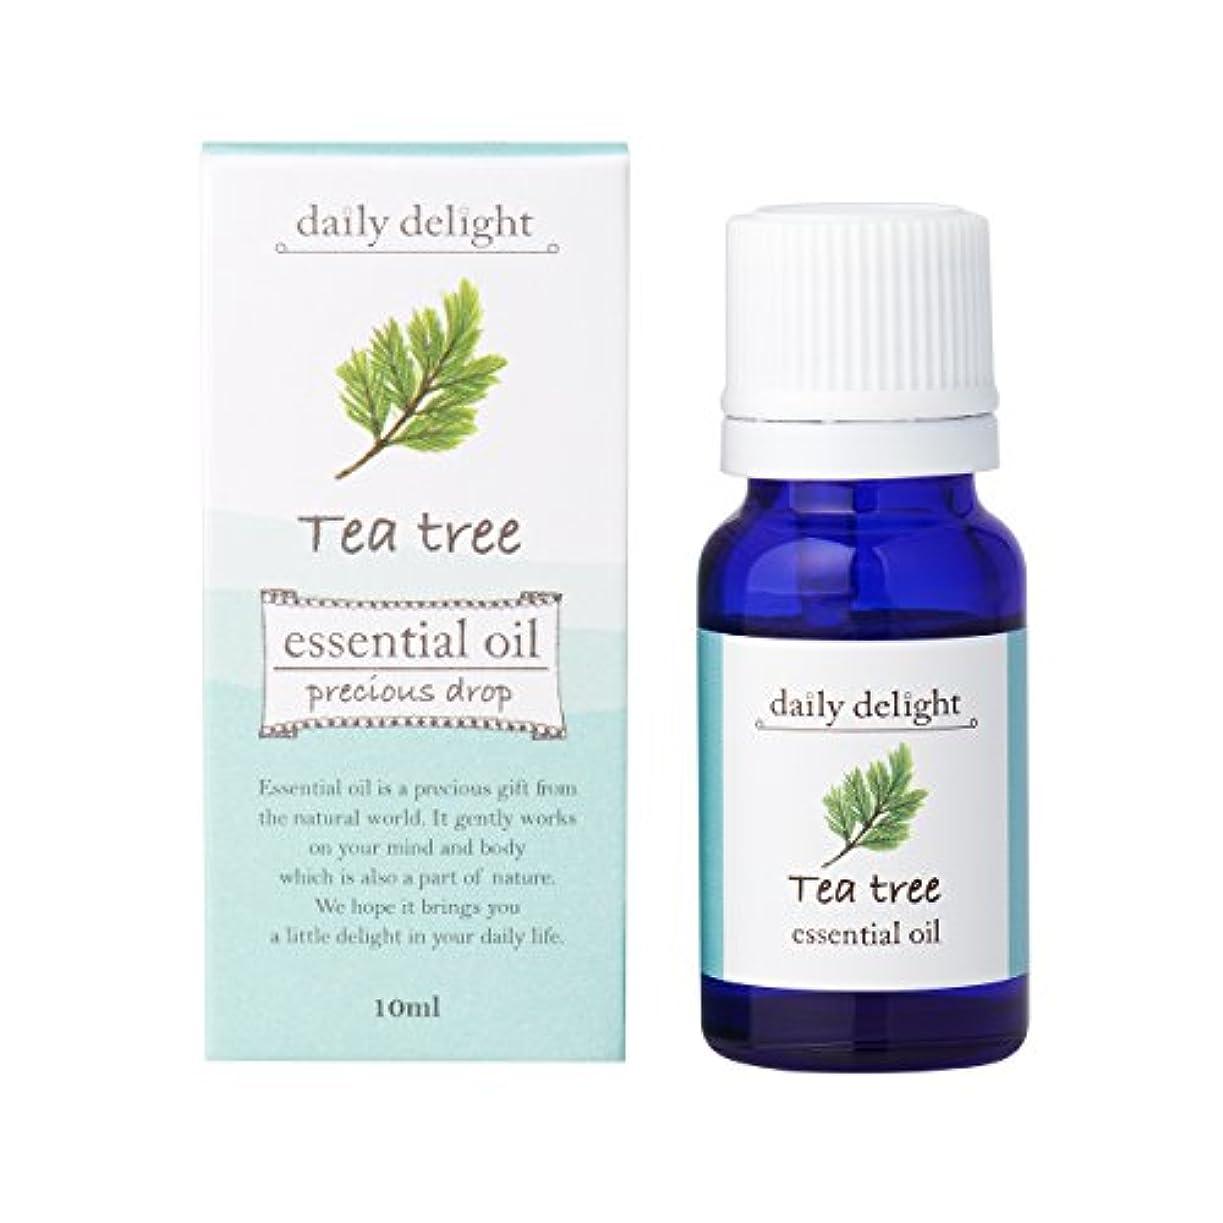 フェリーキャンペーン液体デイリーディライト エッセンシャルオイル  ティートゥリー 10ml(天然100% 精油 アロマ 樹木系 フレッシュですっきりとした香り)